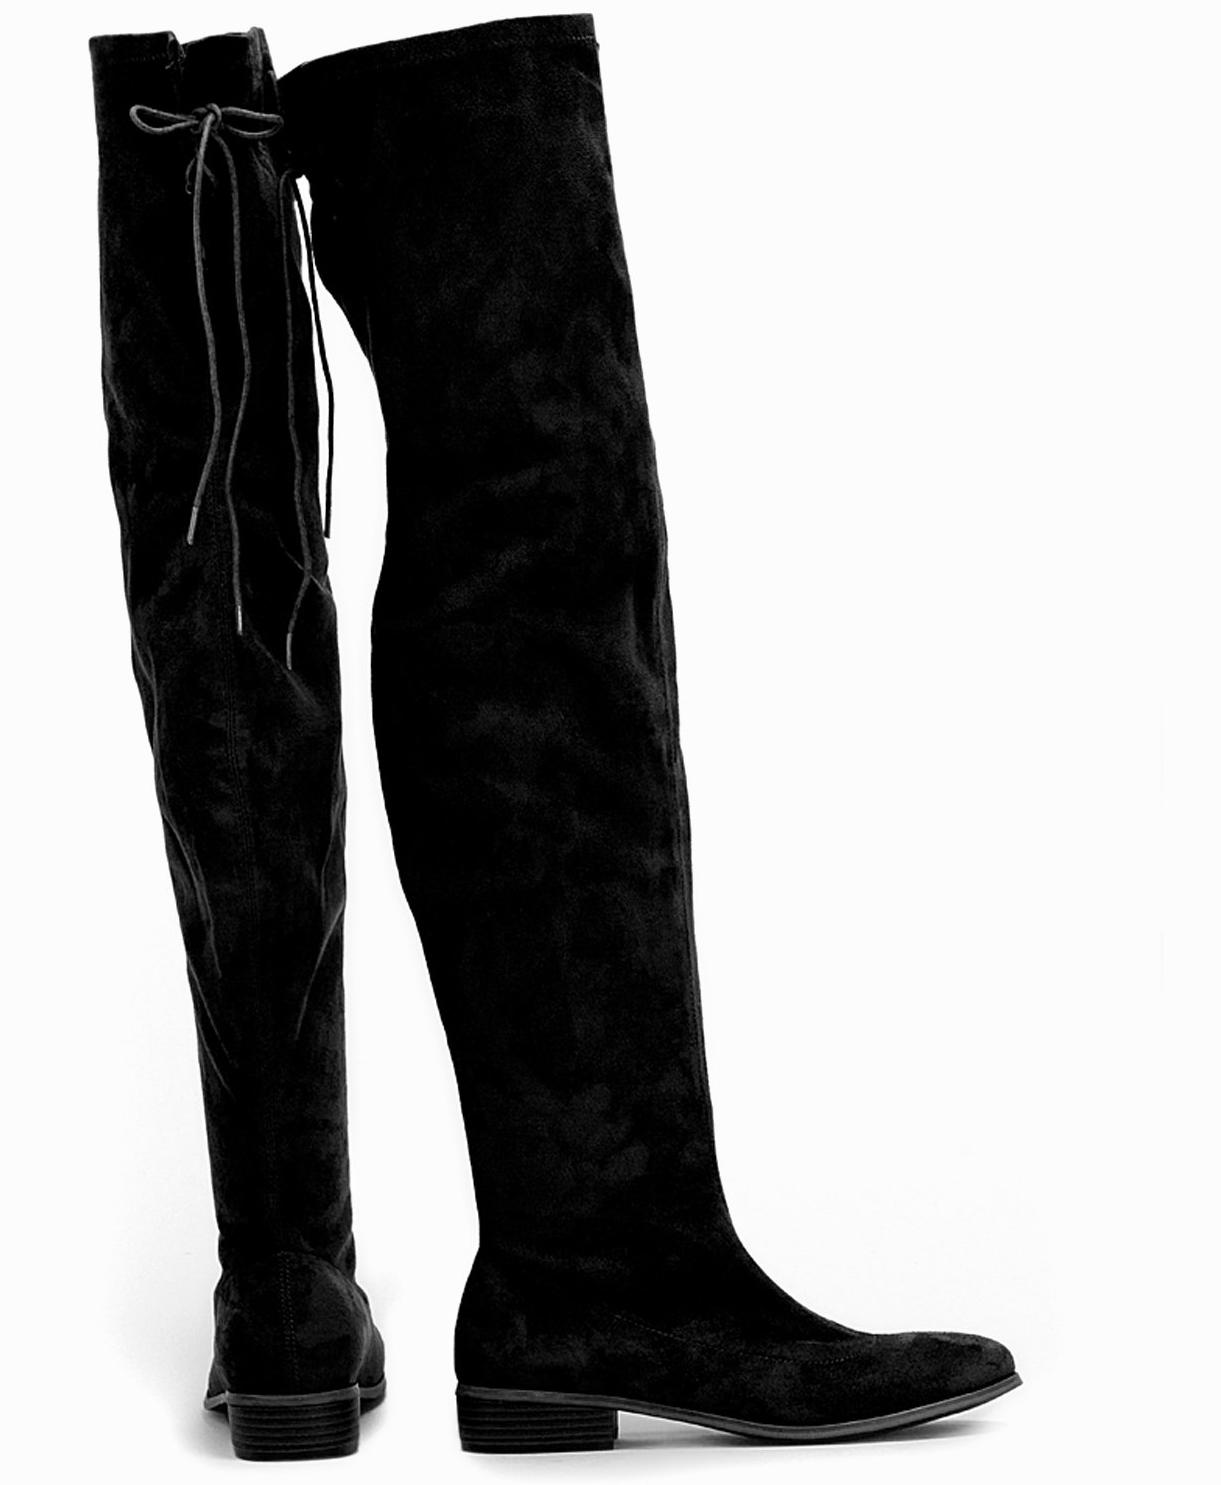 boots utan klack